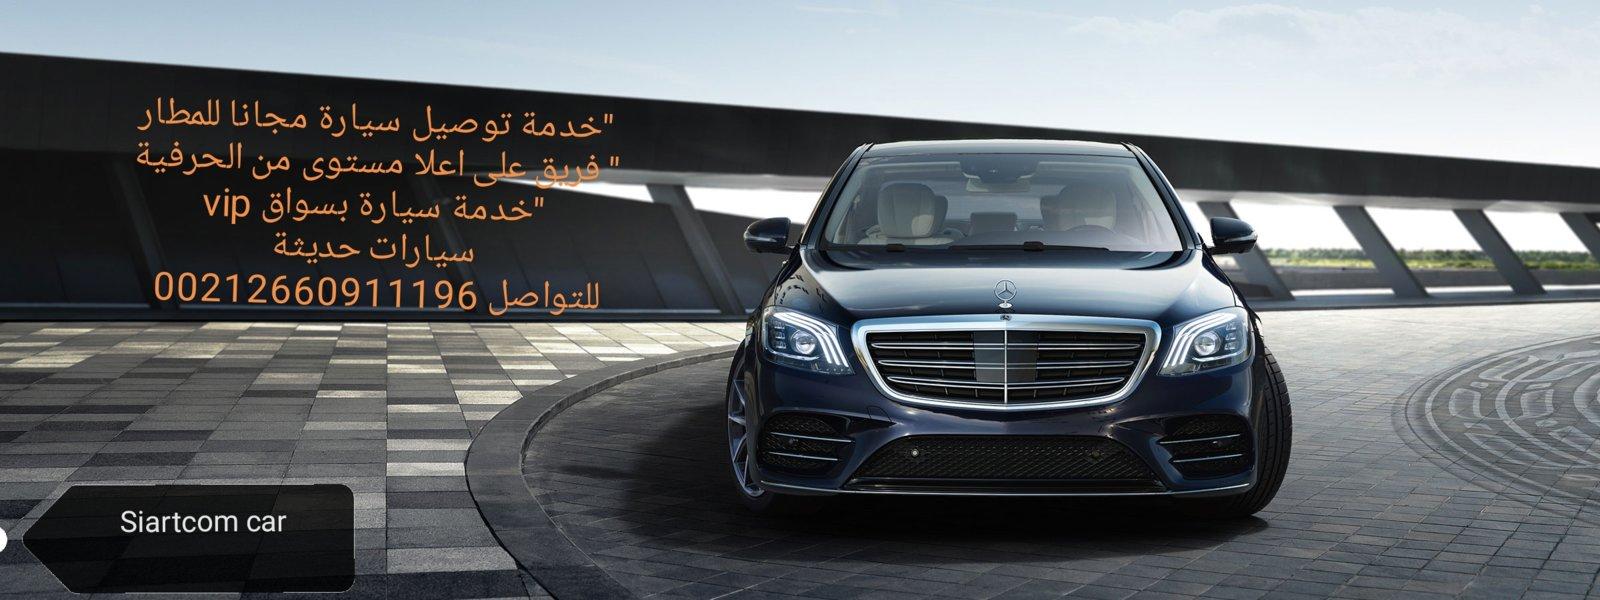 475002 المسافرون العرب تأجير سيارات في المغرب عرض خاص